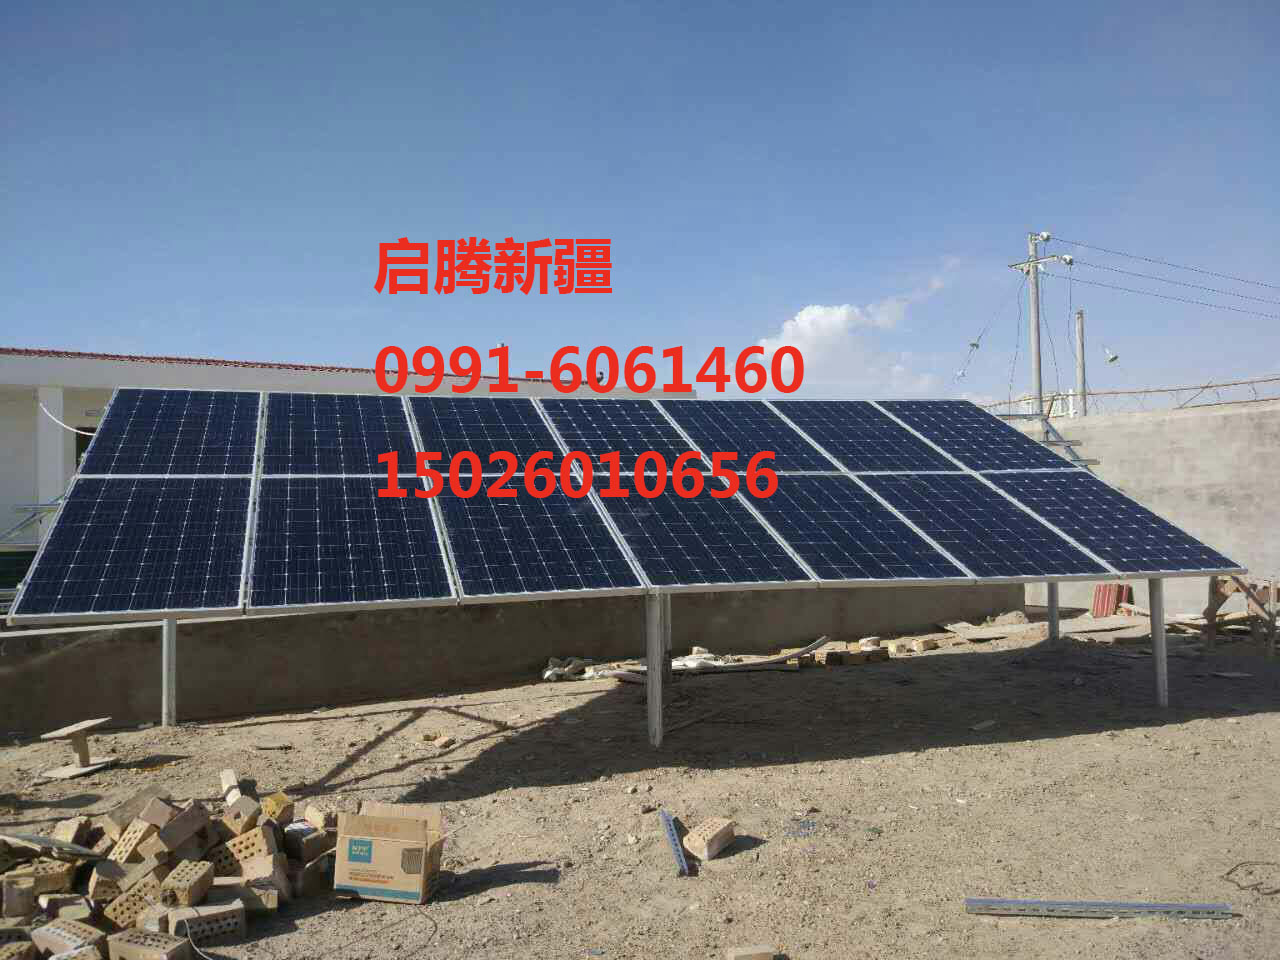 代理新疆太阳能发电站代理新疆太阳能发电站总代理公司-高性价新疆太阳能发电站市场价格